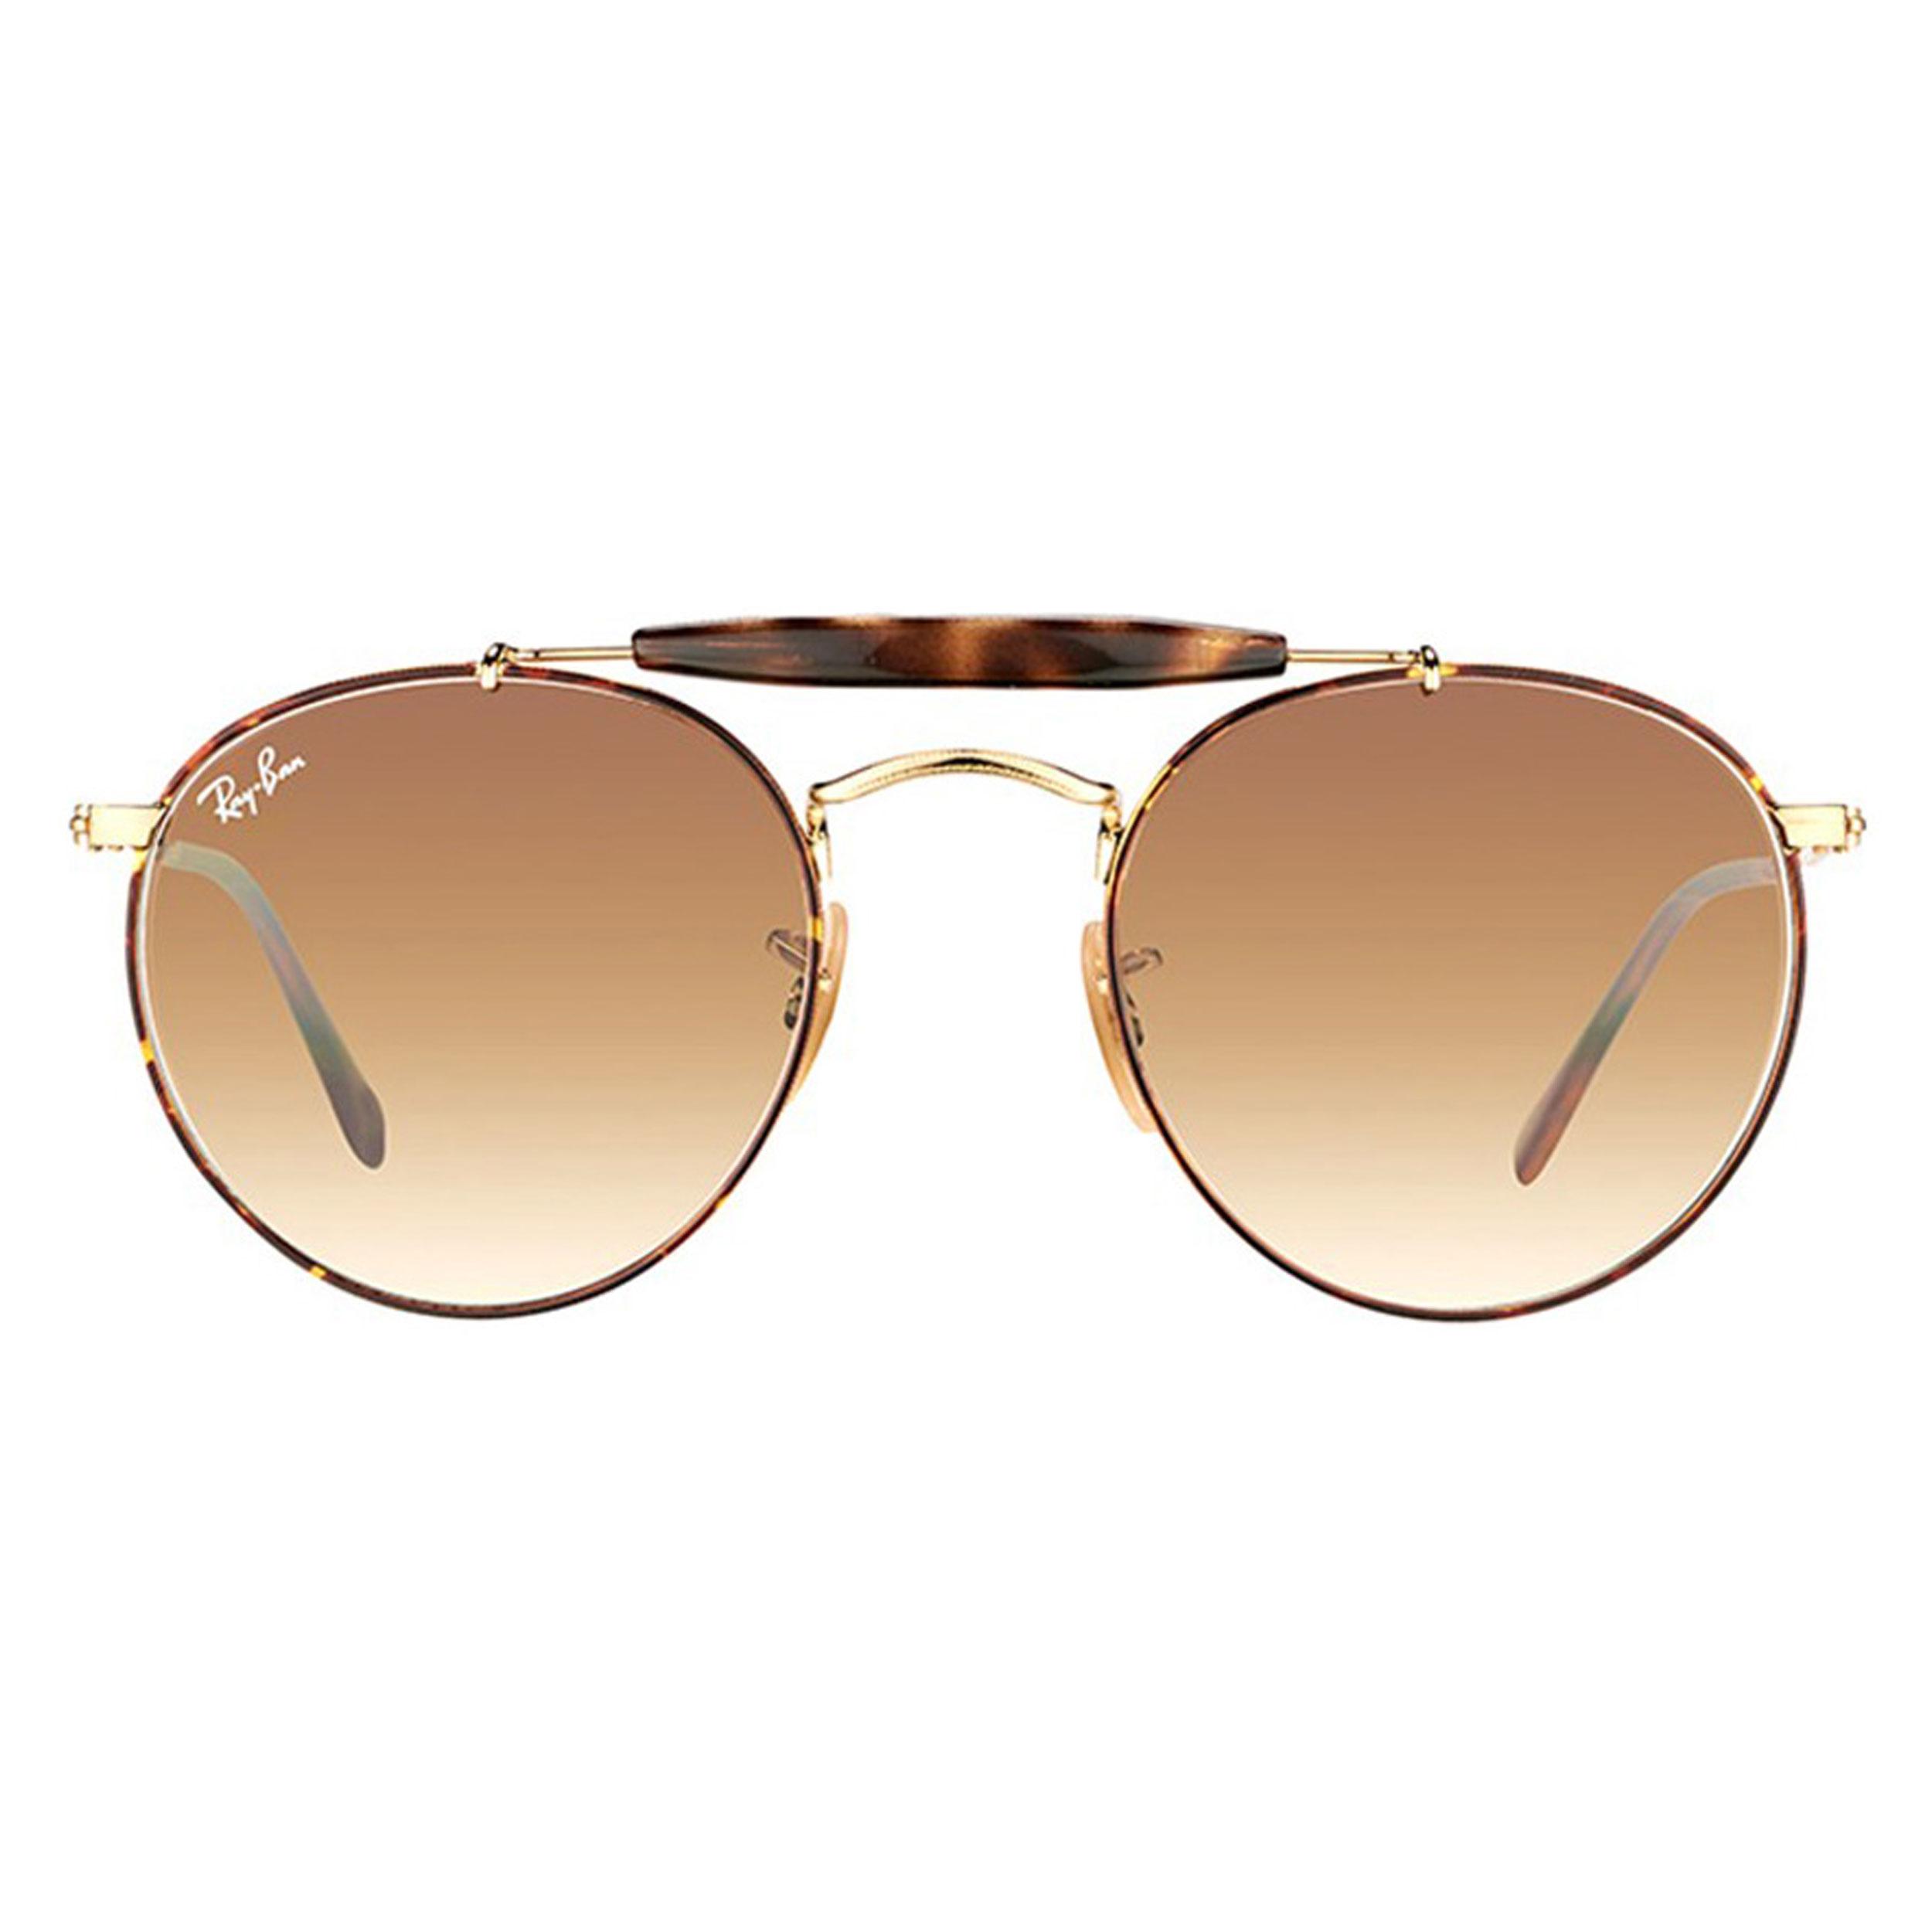 عینک آفتابی ری بن مدل 3747S 900851 50